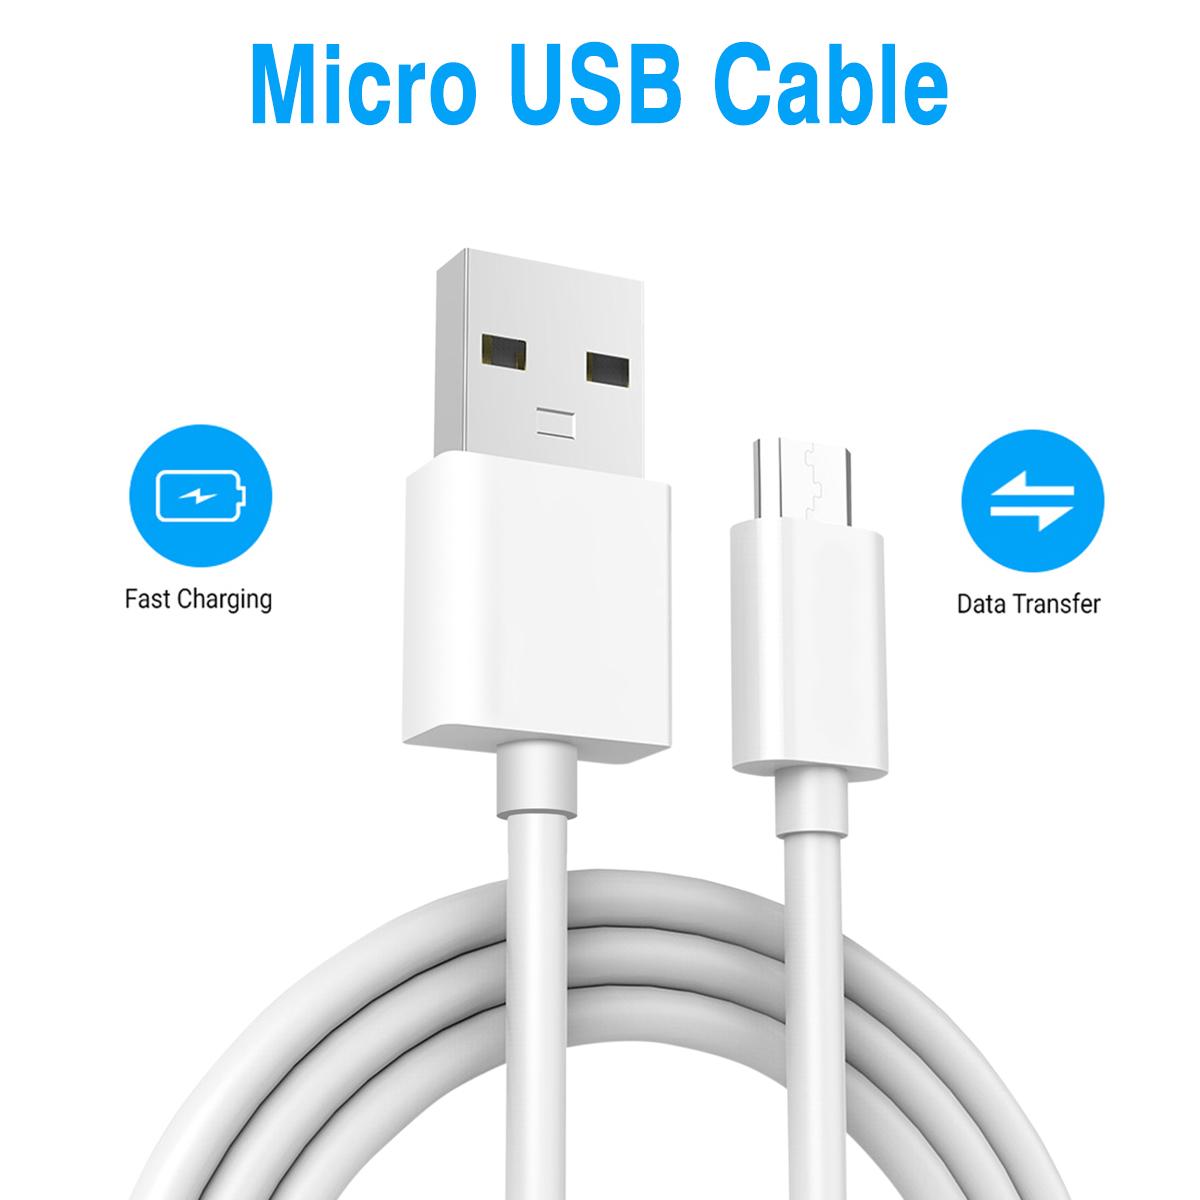 MCRO-USB-CBLE-WHT-2